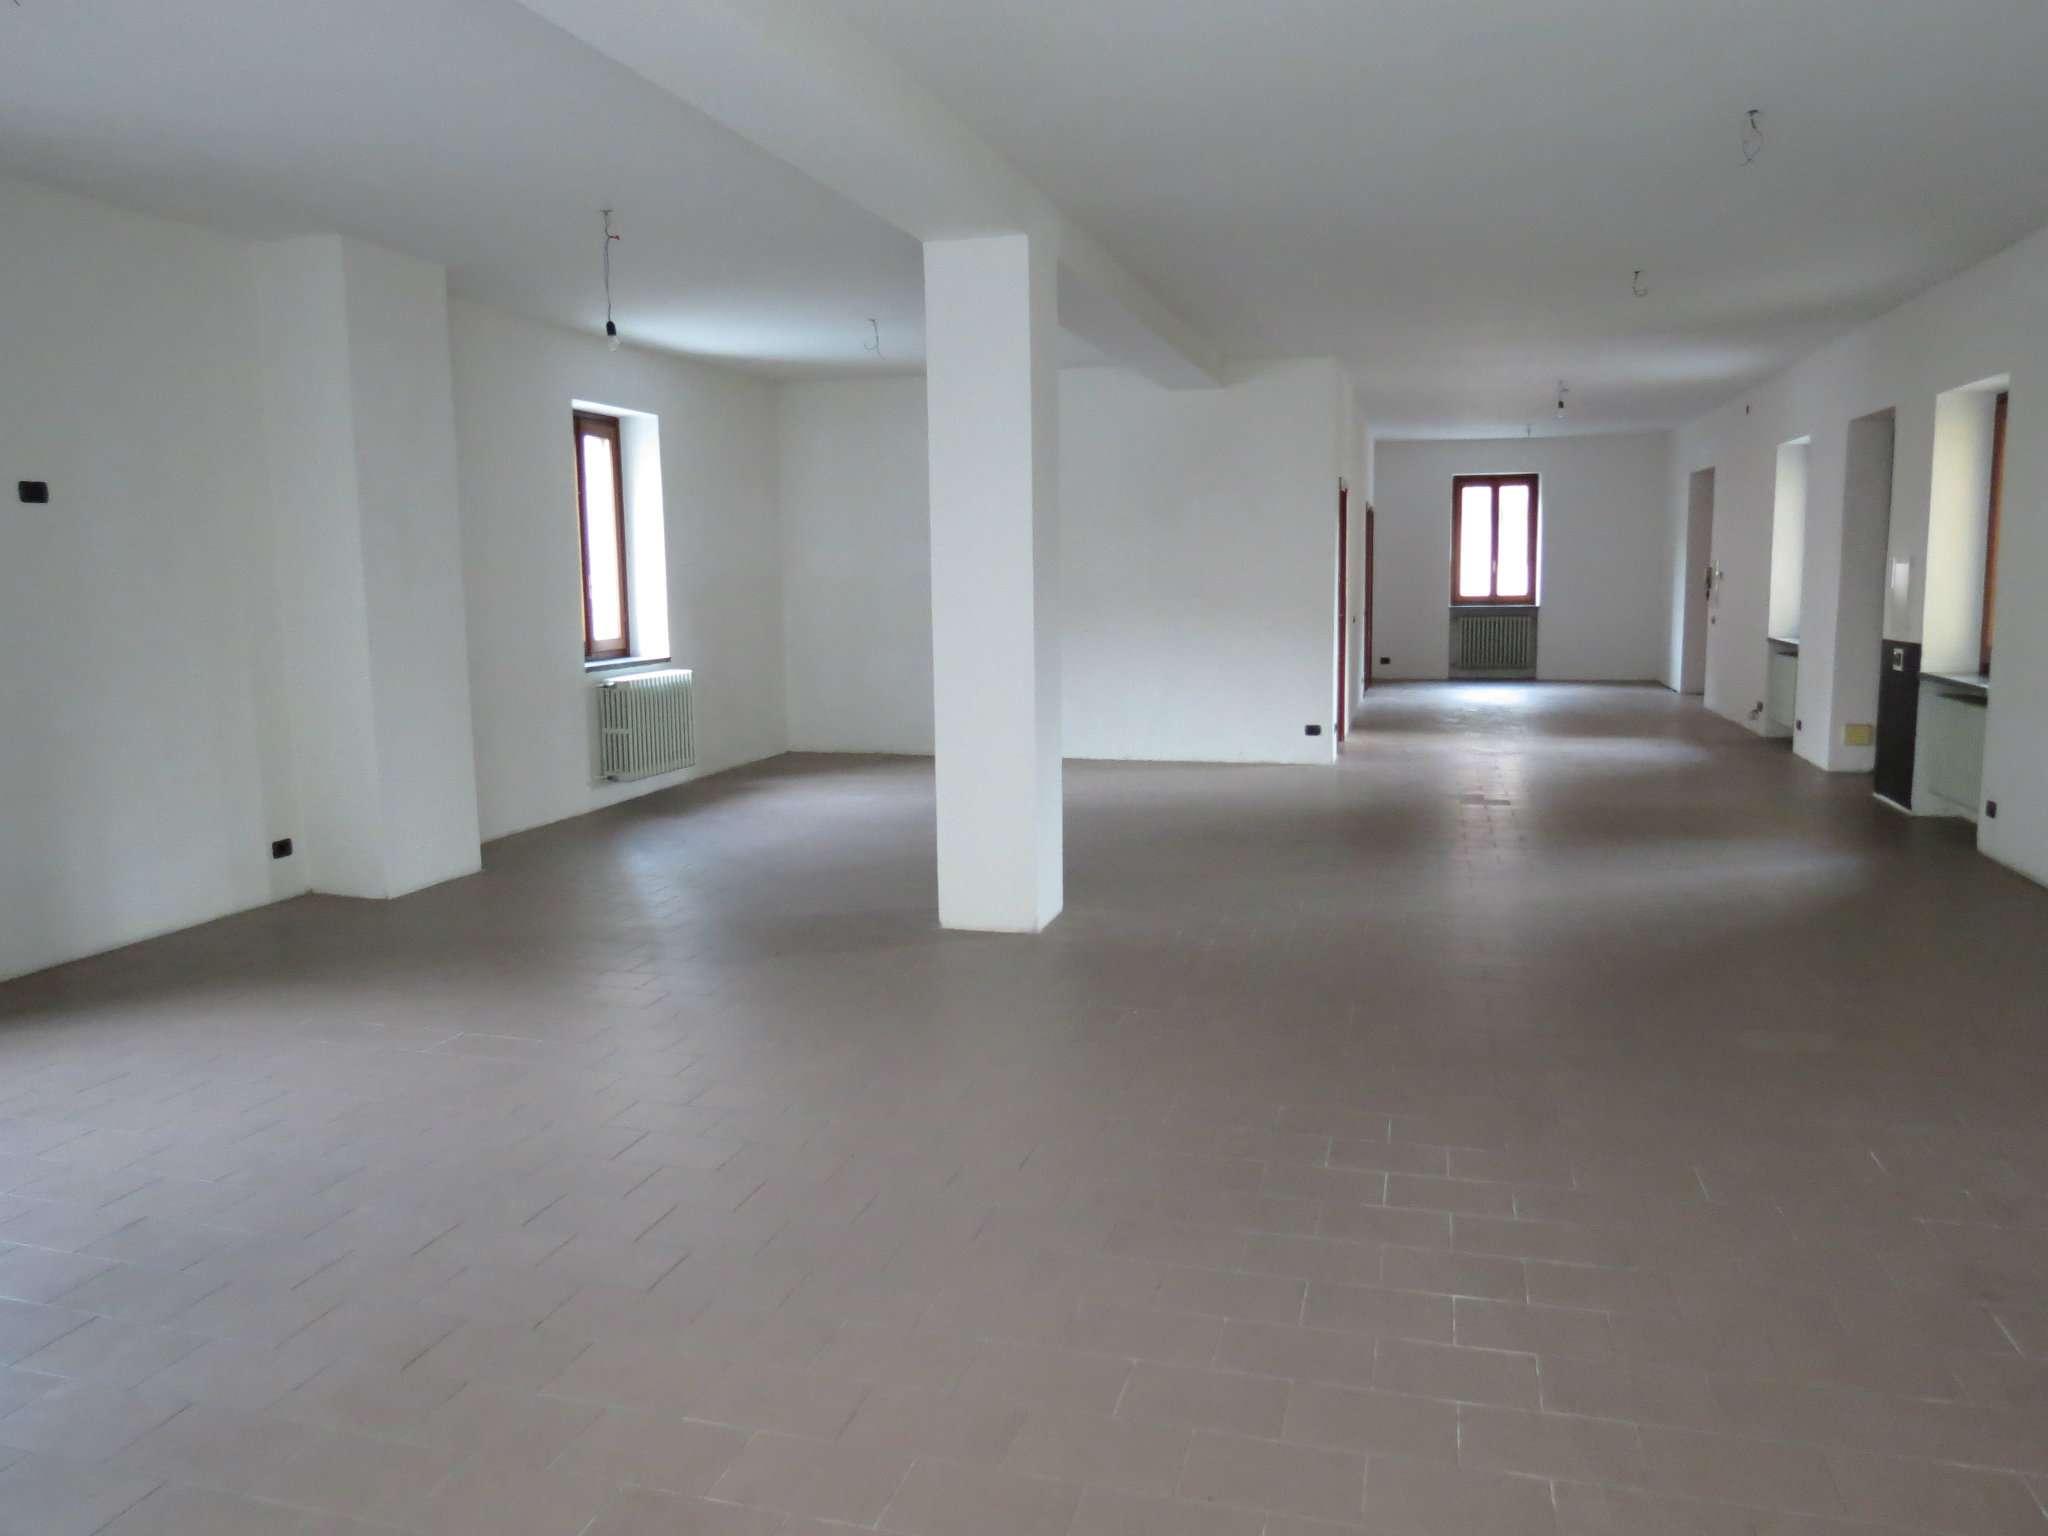 Ufficio / Studio in affitto a Olgiate Comasco, 2 locali, prezzo € 1.100 | CambioCasa.it